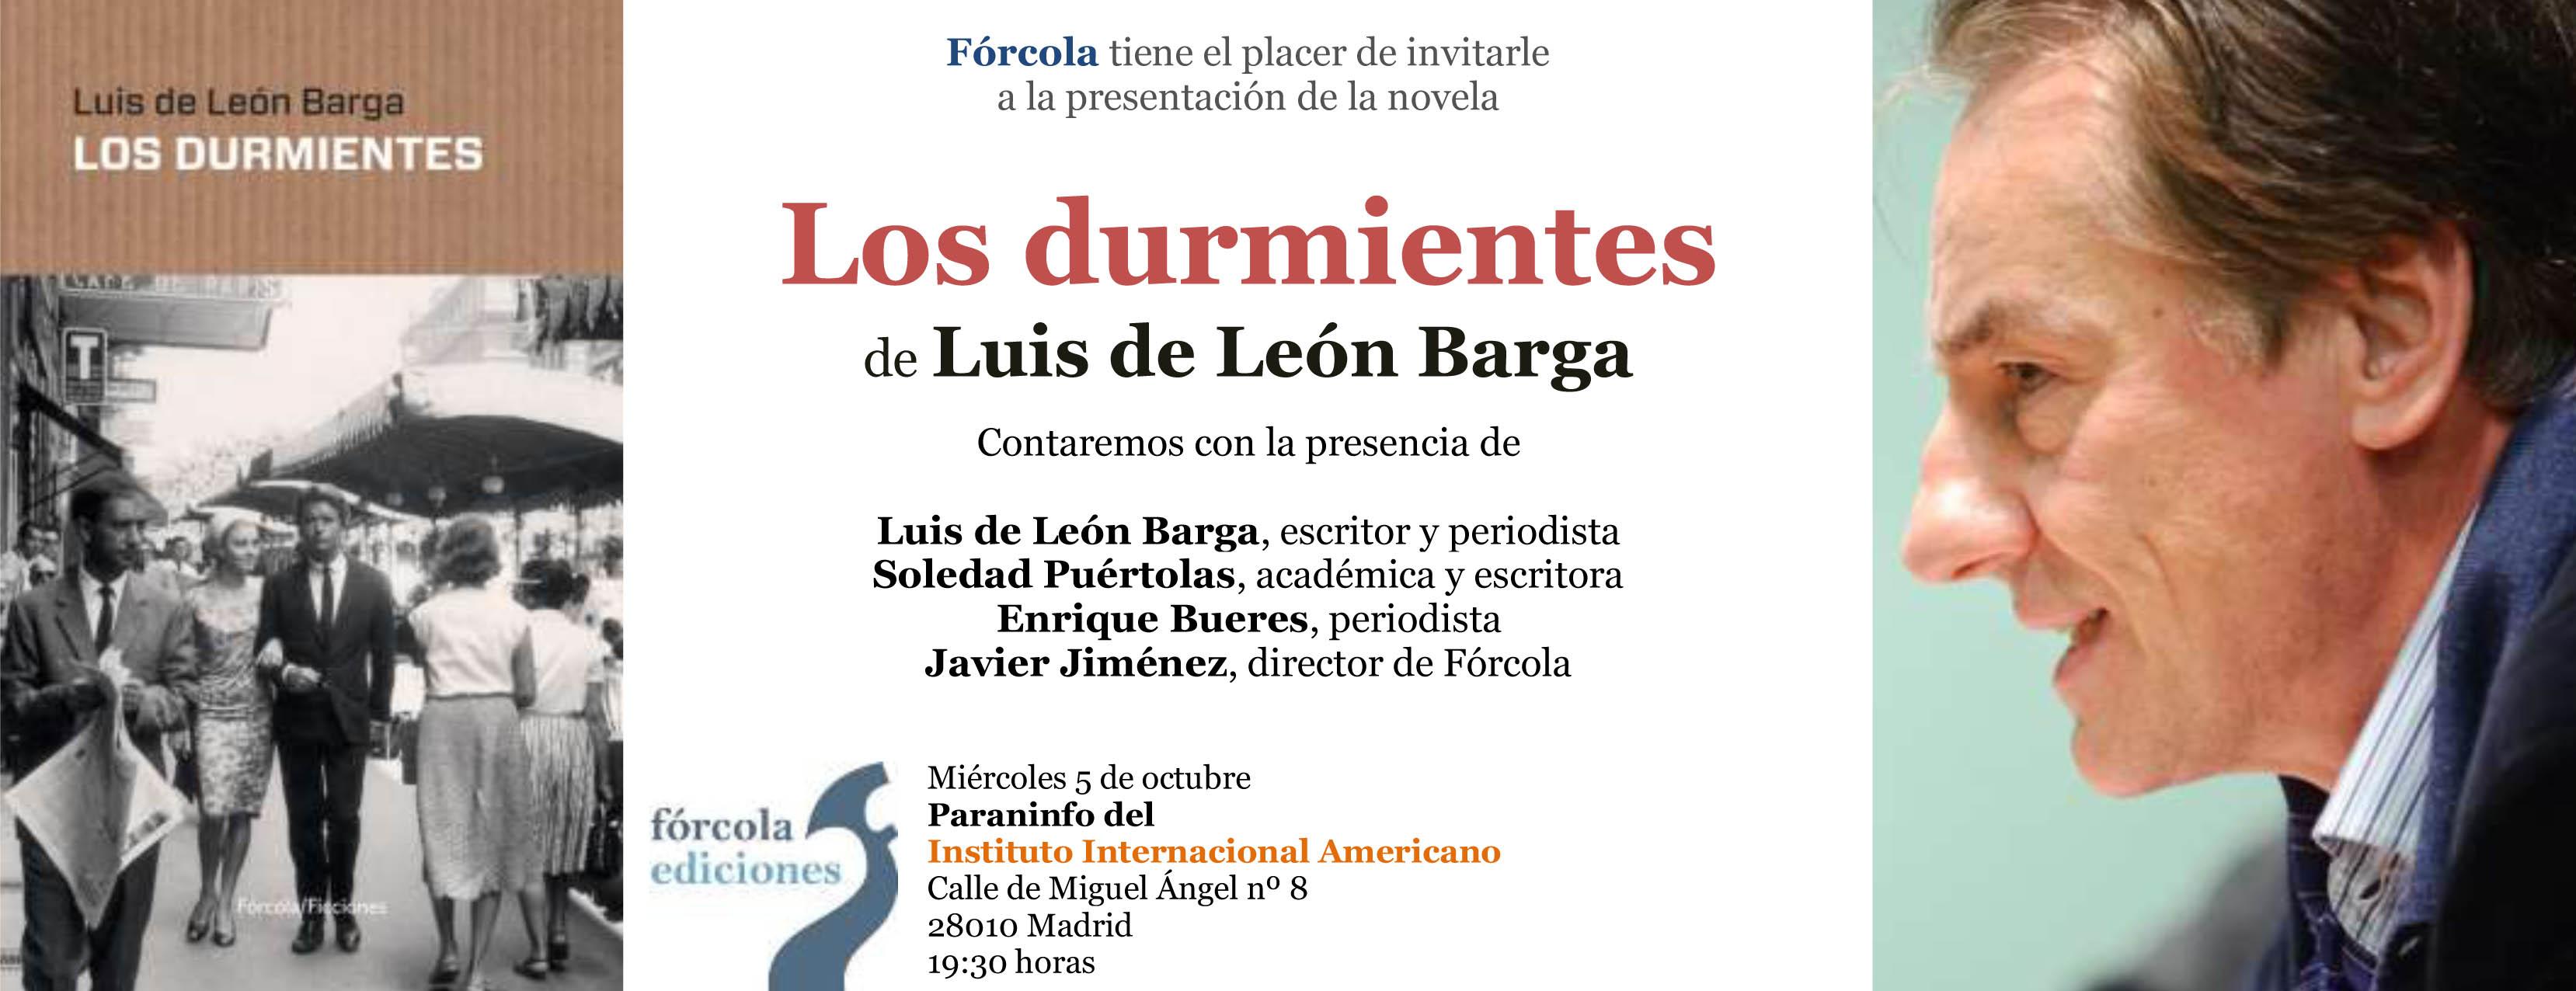 Invitacion_Los-durmientes_LuisLeonBarga